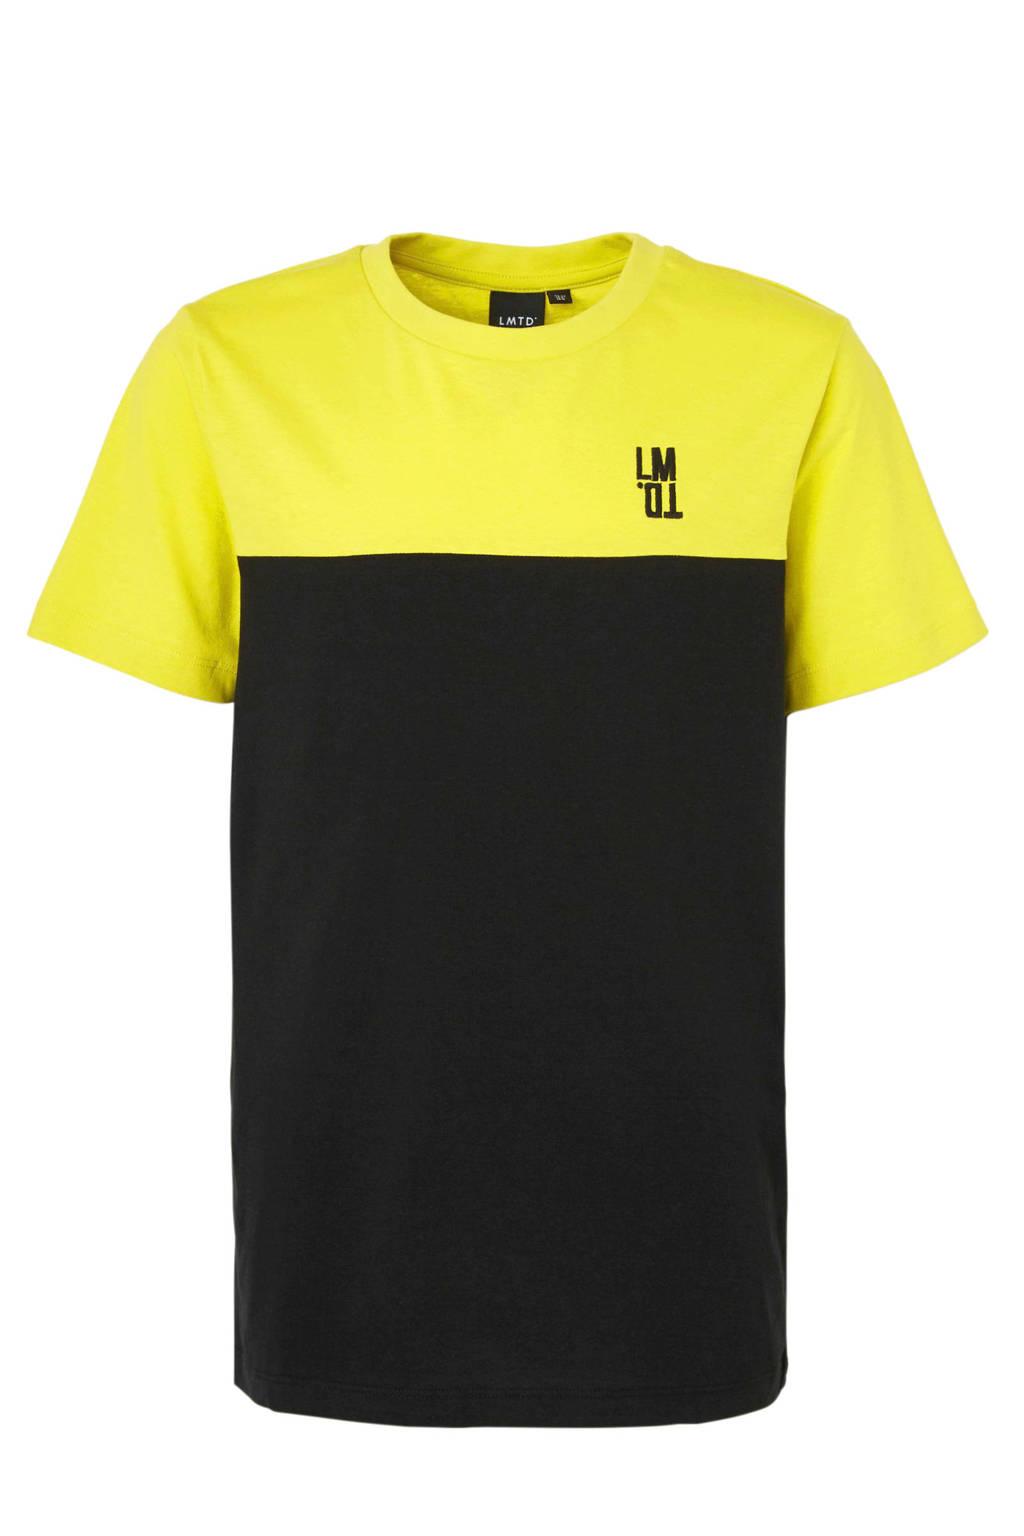 LMTD T-shirt Jose lime, Limegroen/zwart